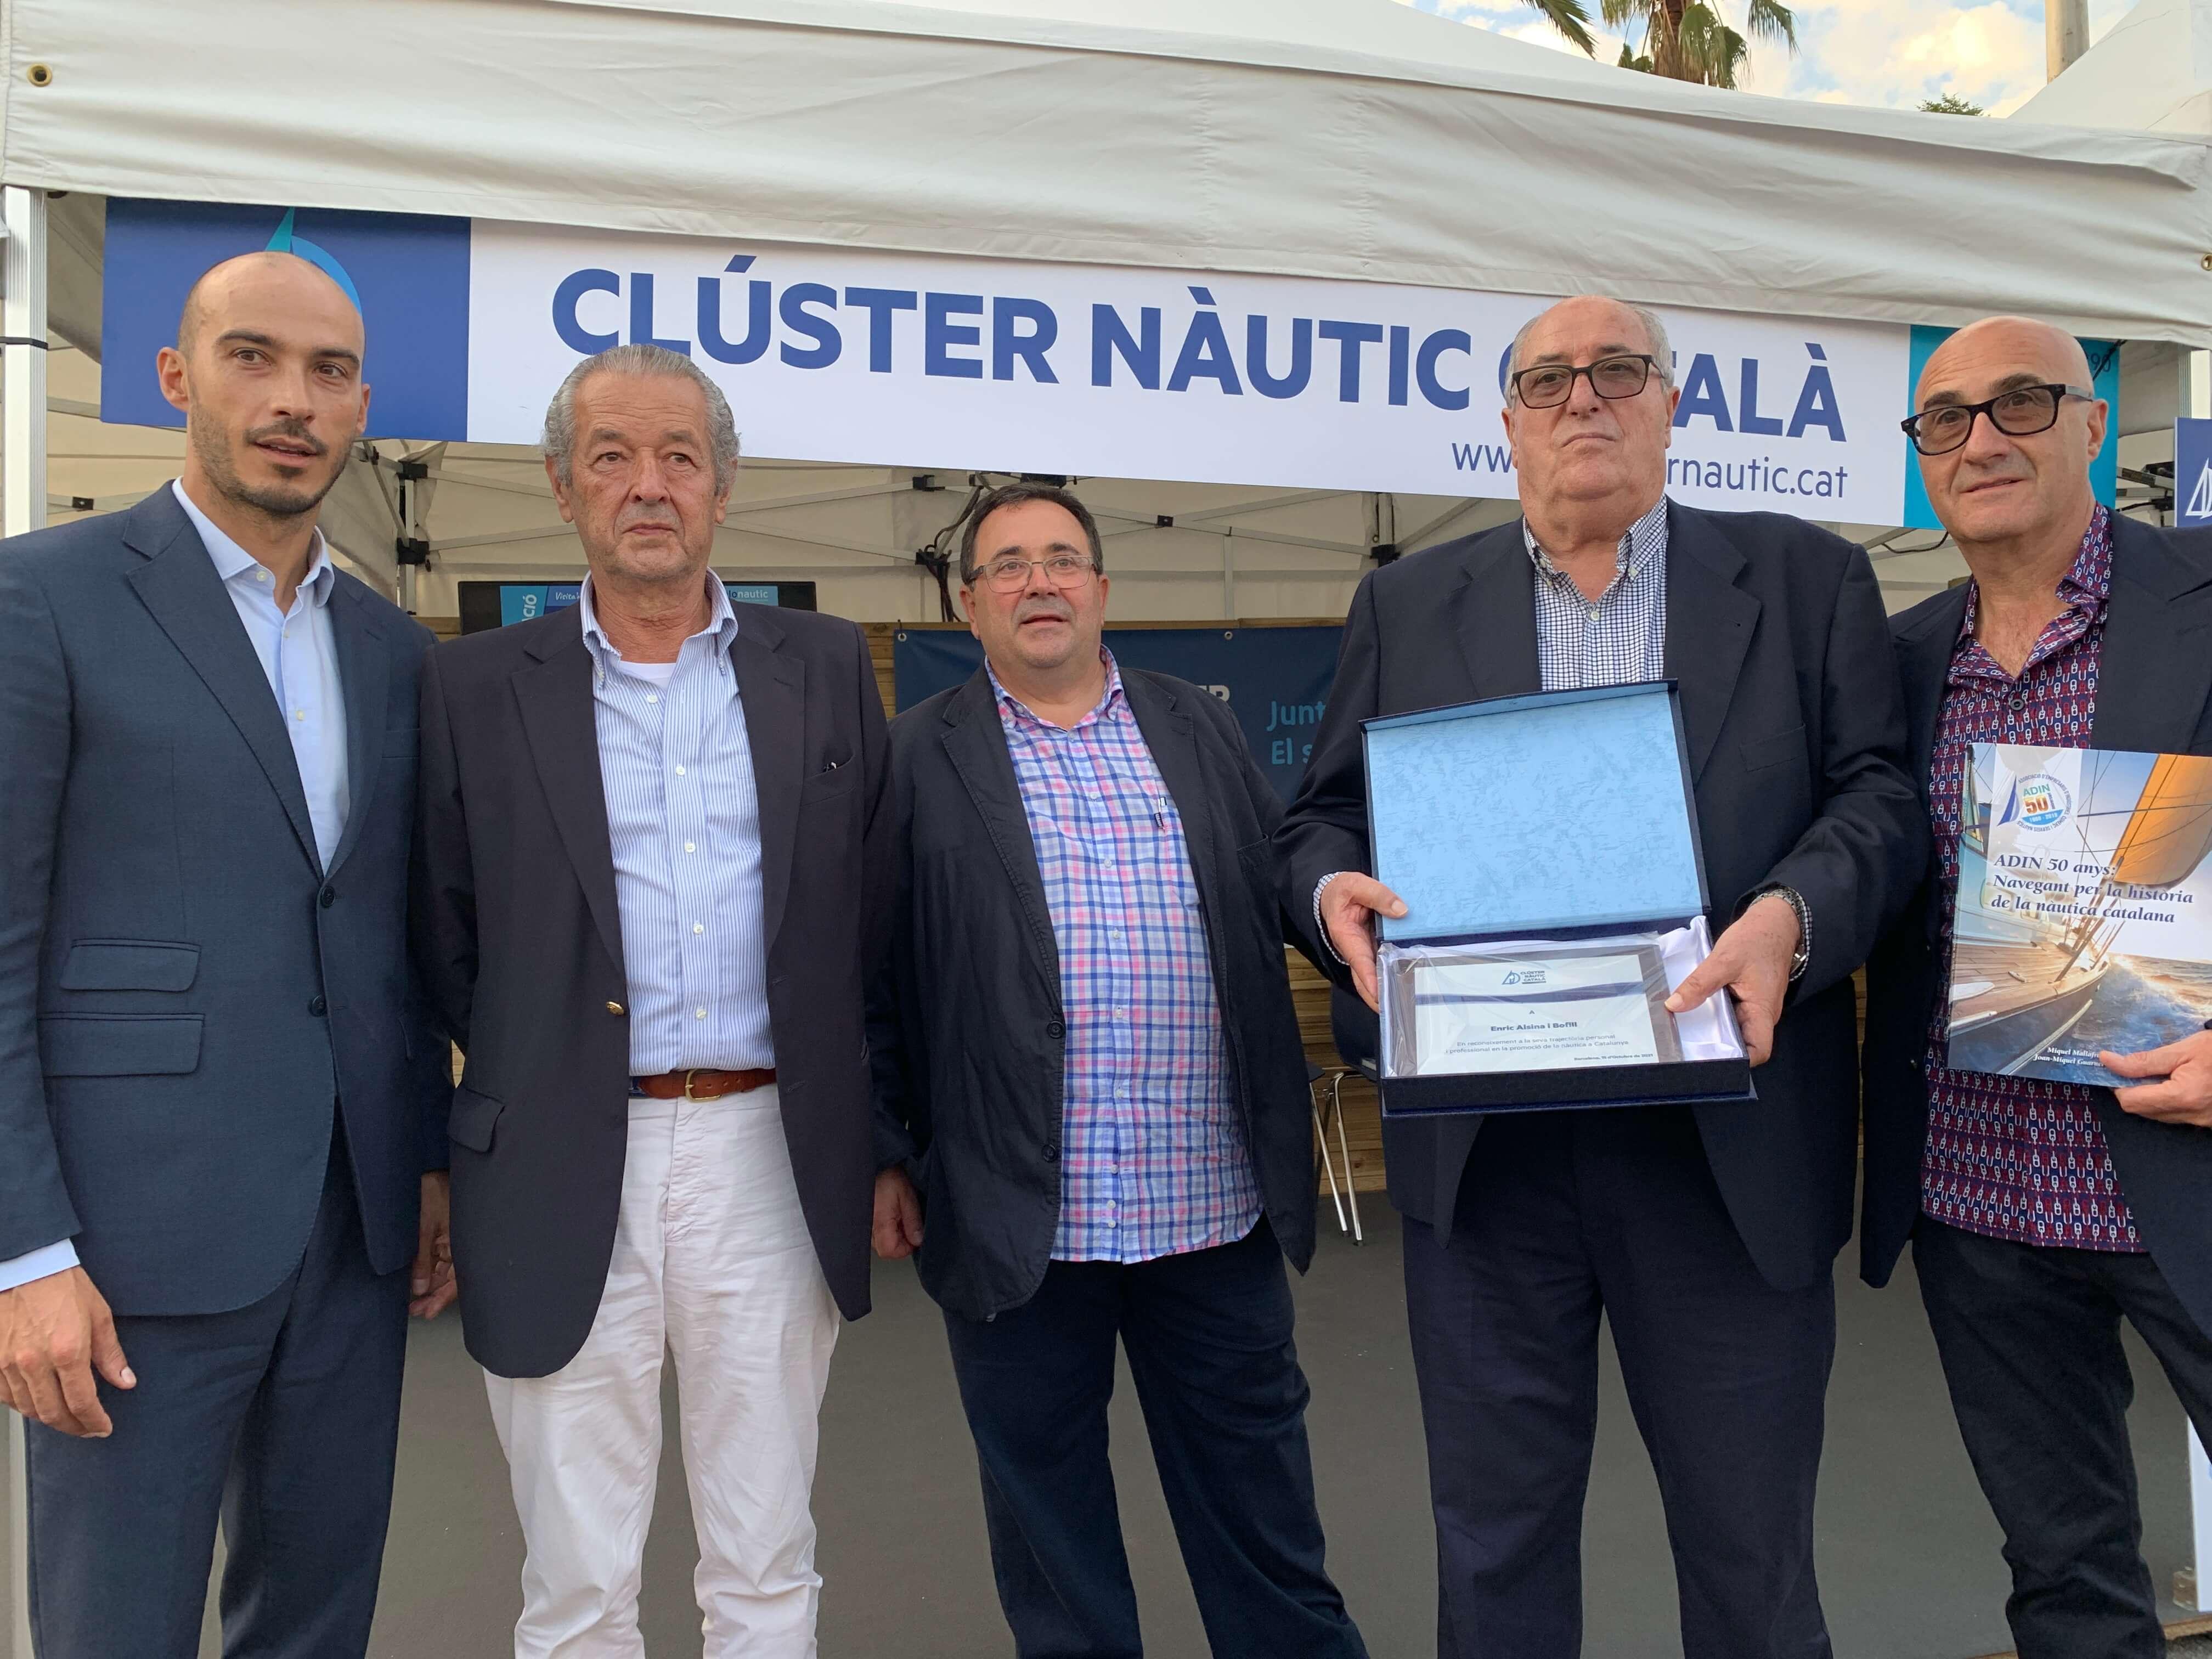 Entrega de las distinciones de socios de honor 2021 a Enric Alsina de nautica palamós, a Concha Morenilla y Enric Penalba de comercial skualo y a Miquel Nicolau de astilleros nicolau.